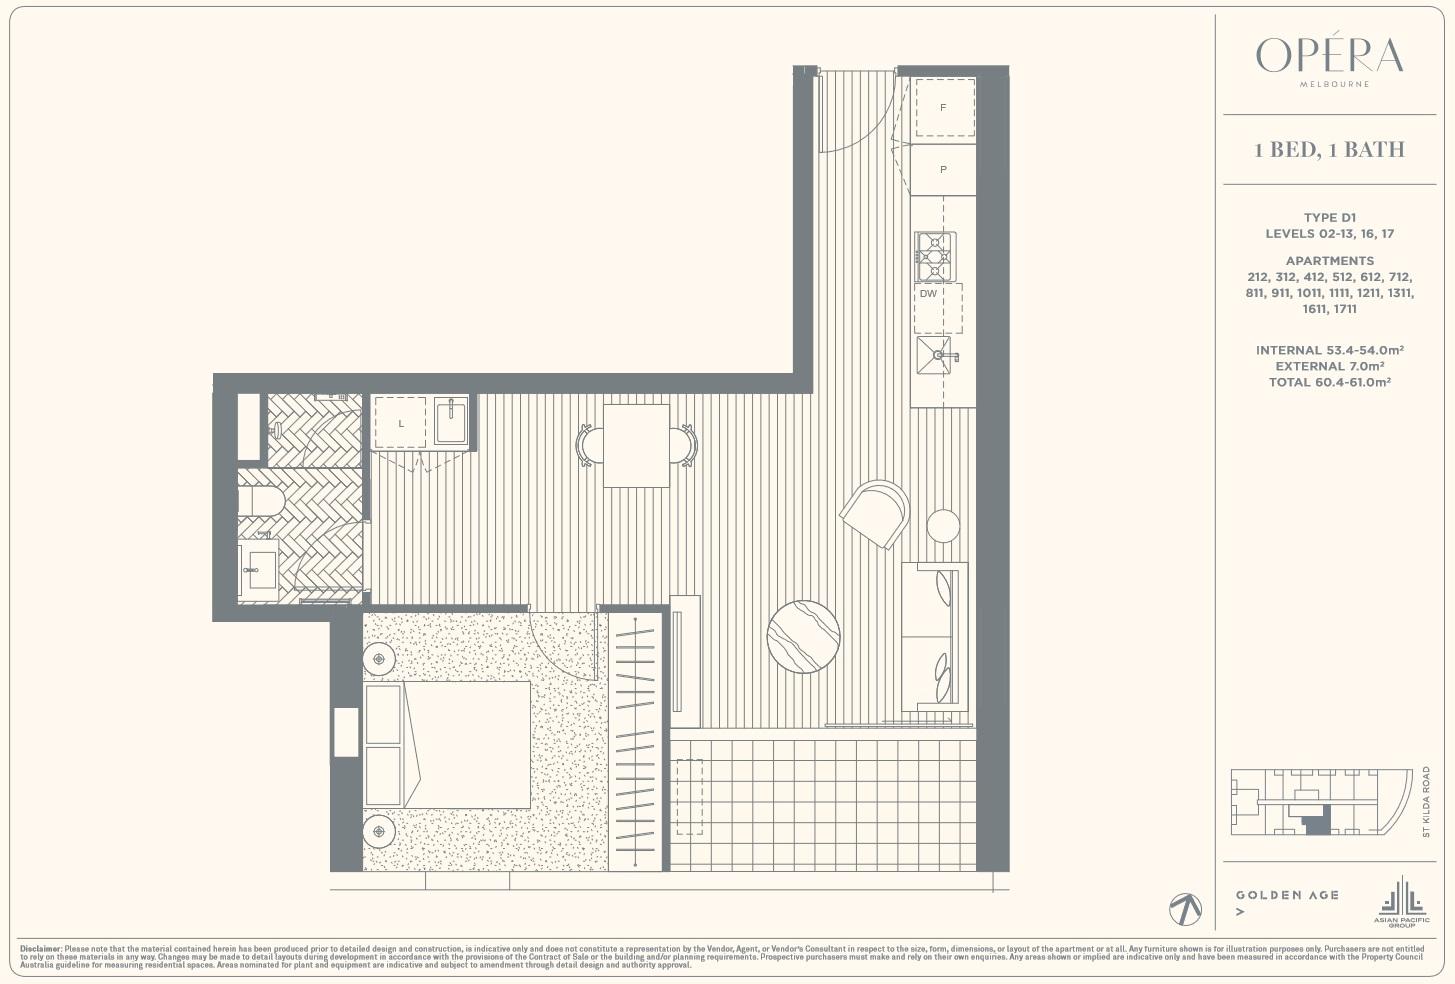 Floor Plan Type D1 - 1Bed1Bath